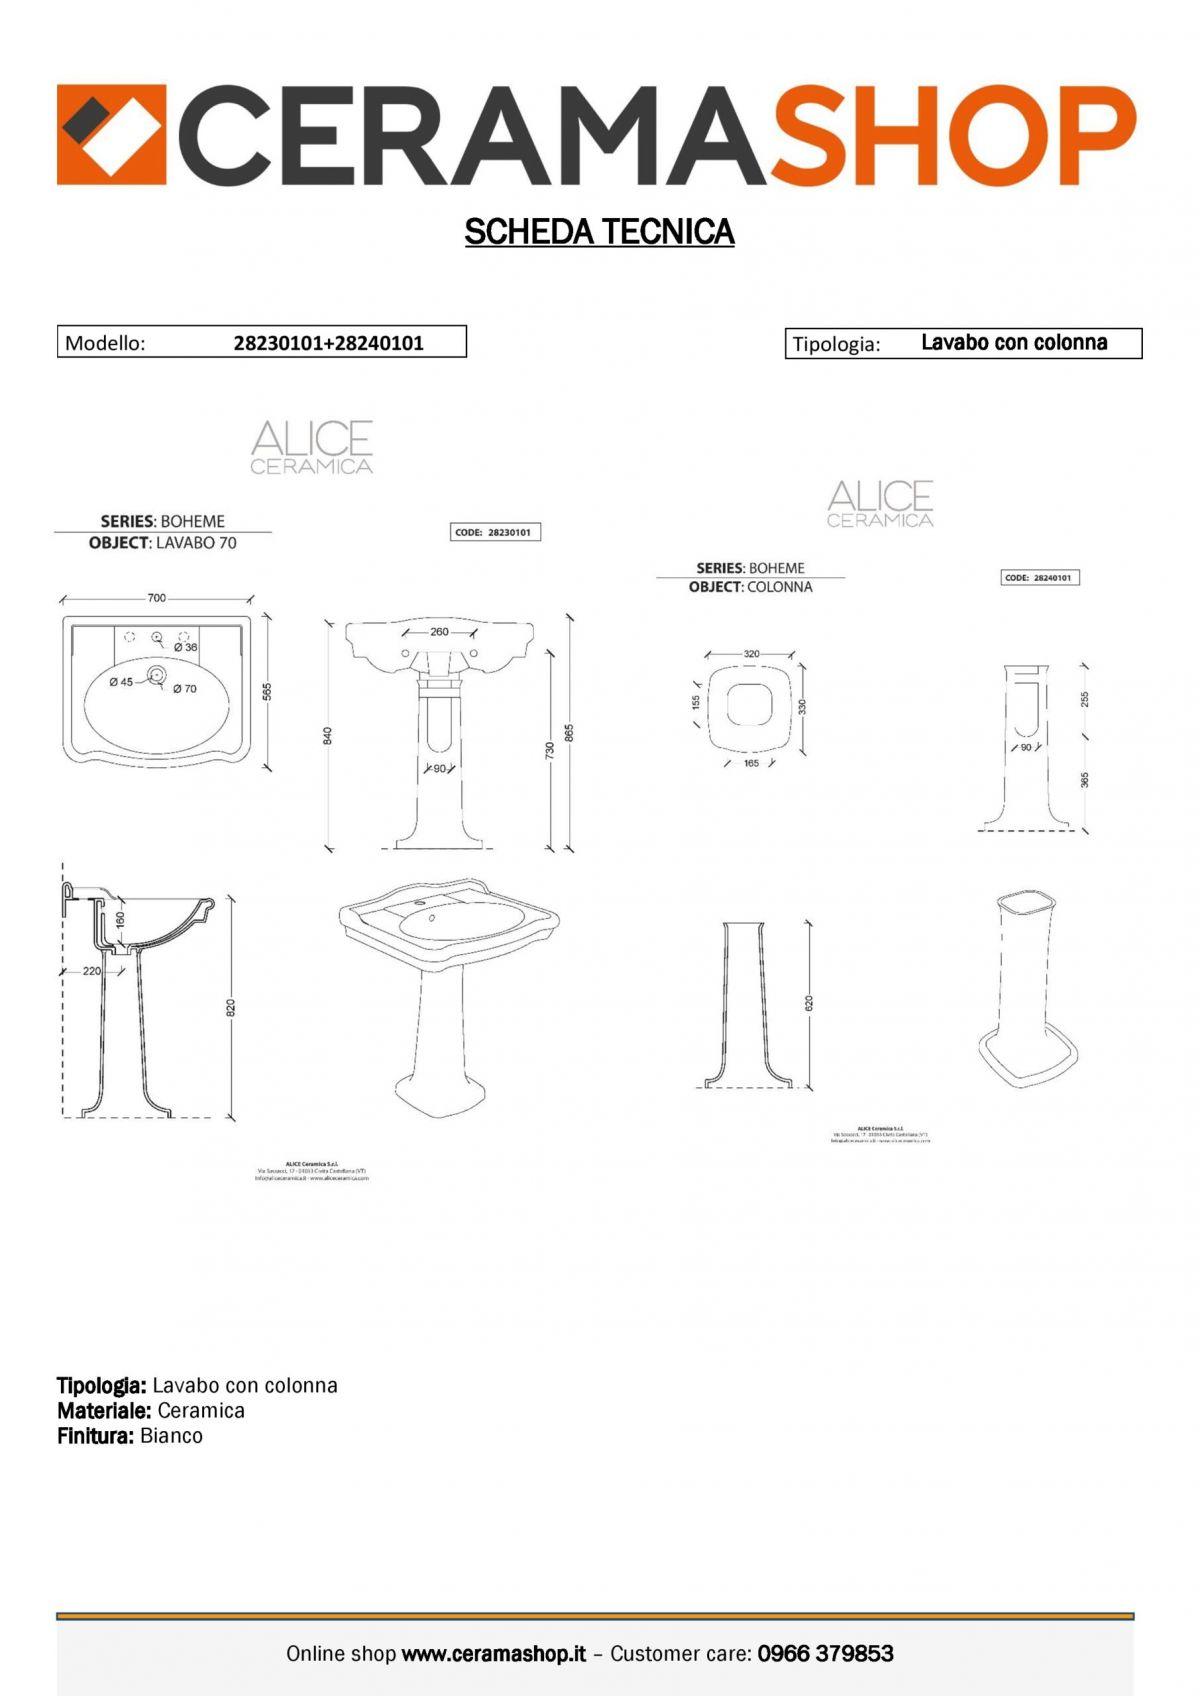 lavabo con colonna boheme 0001 scaled Lavabo con colonna